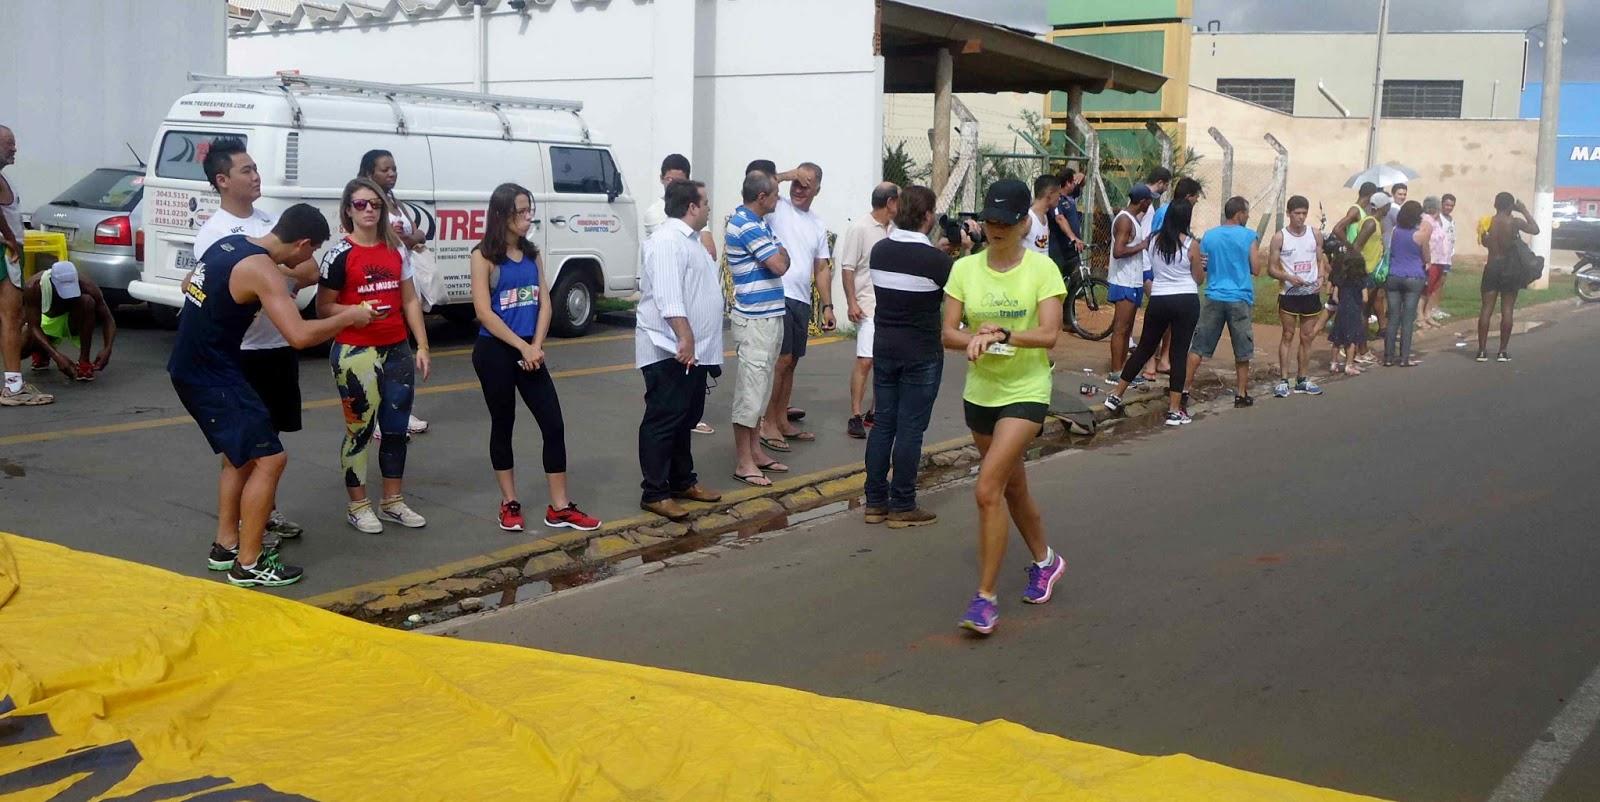 Foto 157 da 1ª Corrida Av. dos Coqueiros em Barretos-SP 14/04/2013 – Atletas cruzando a linha de chegada